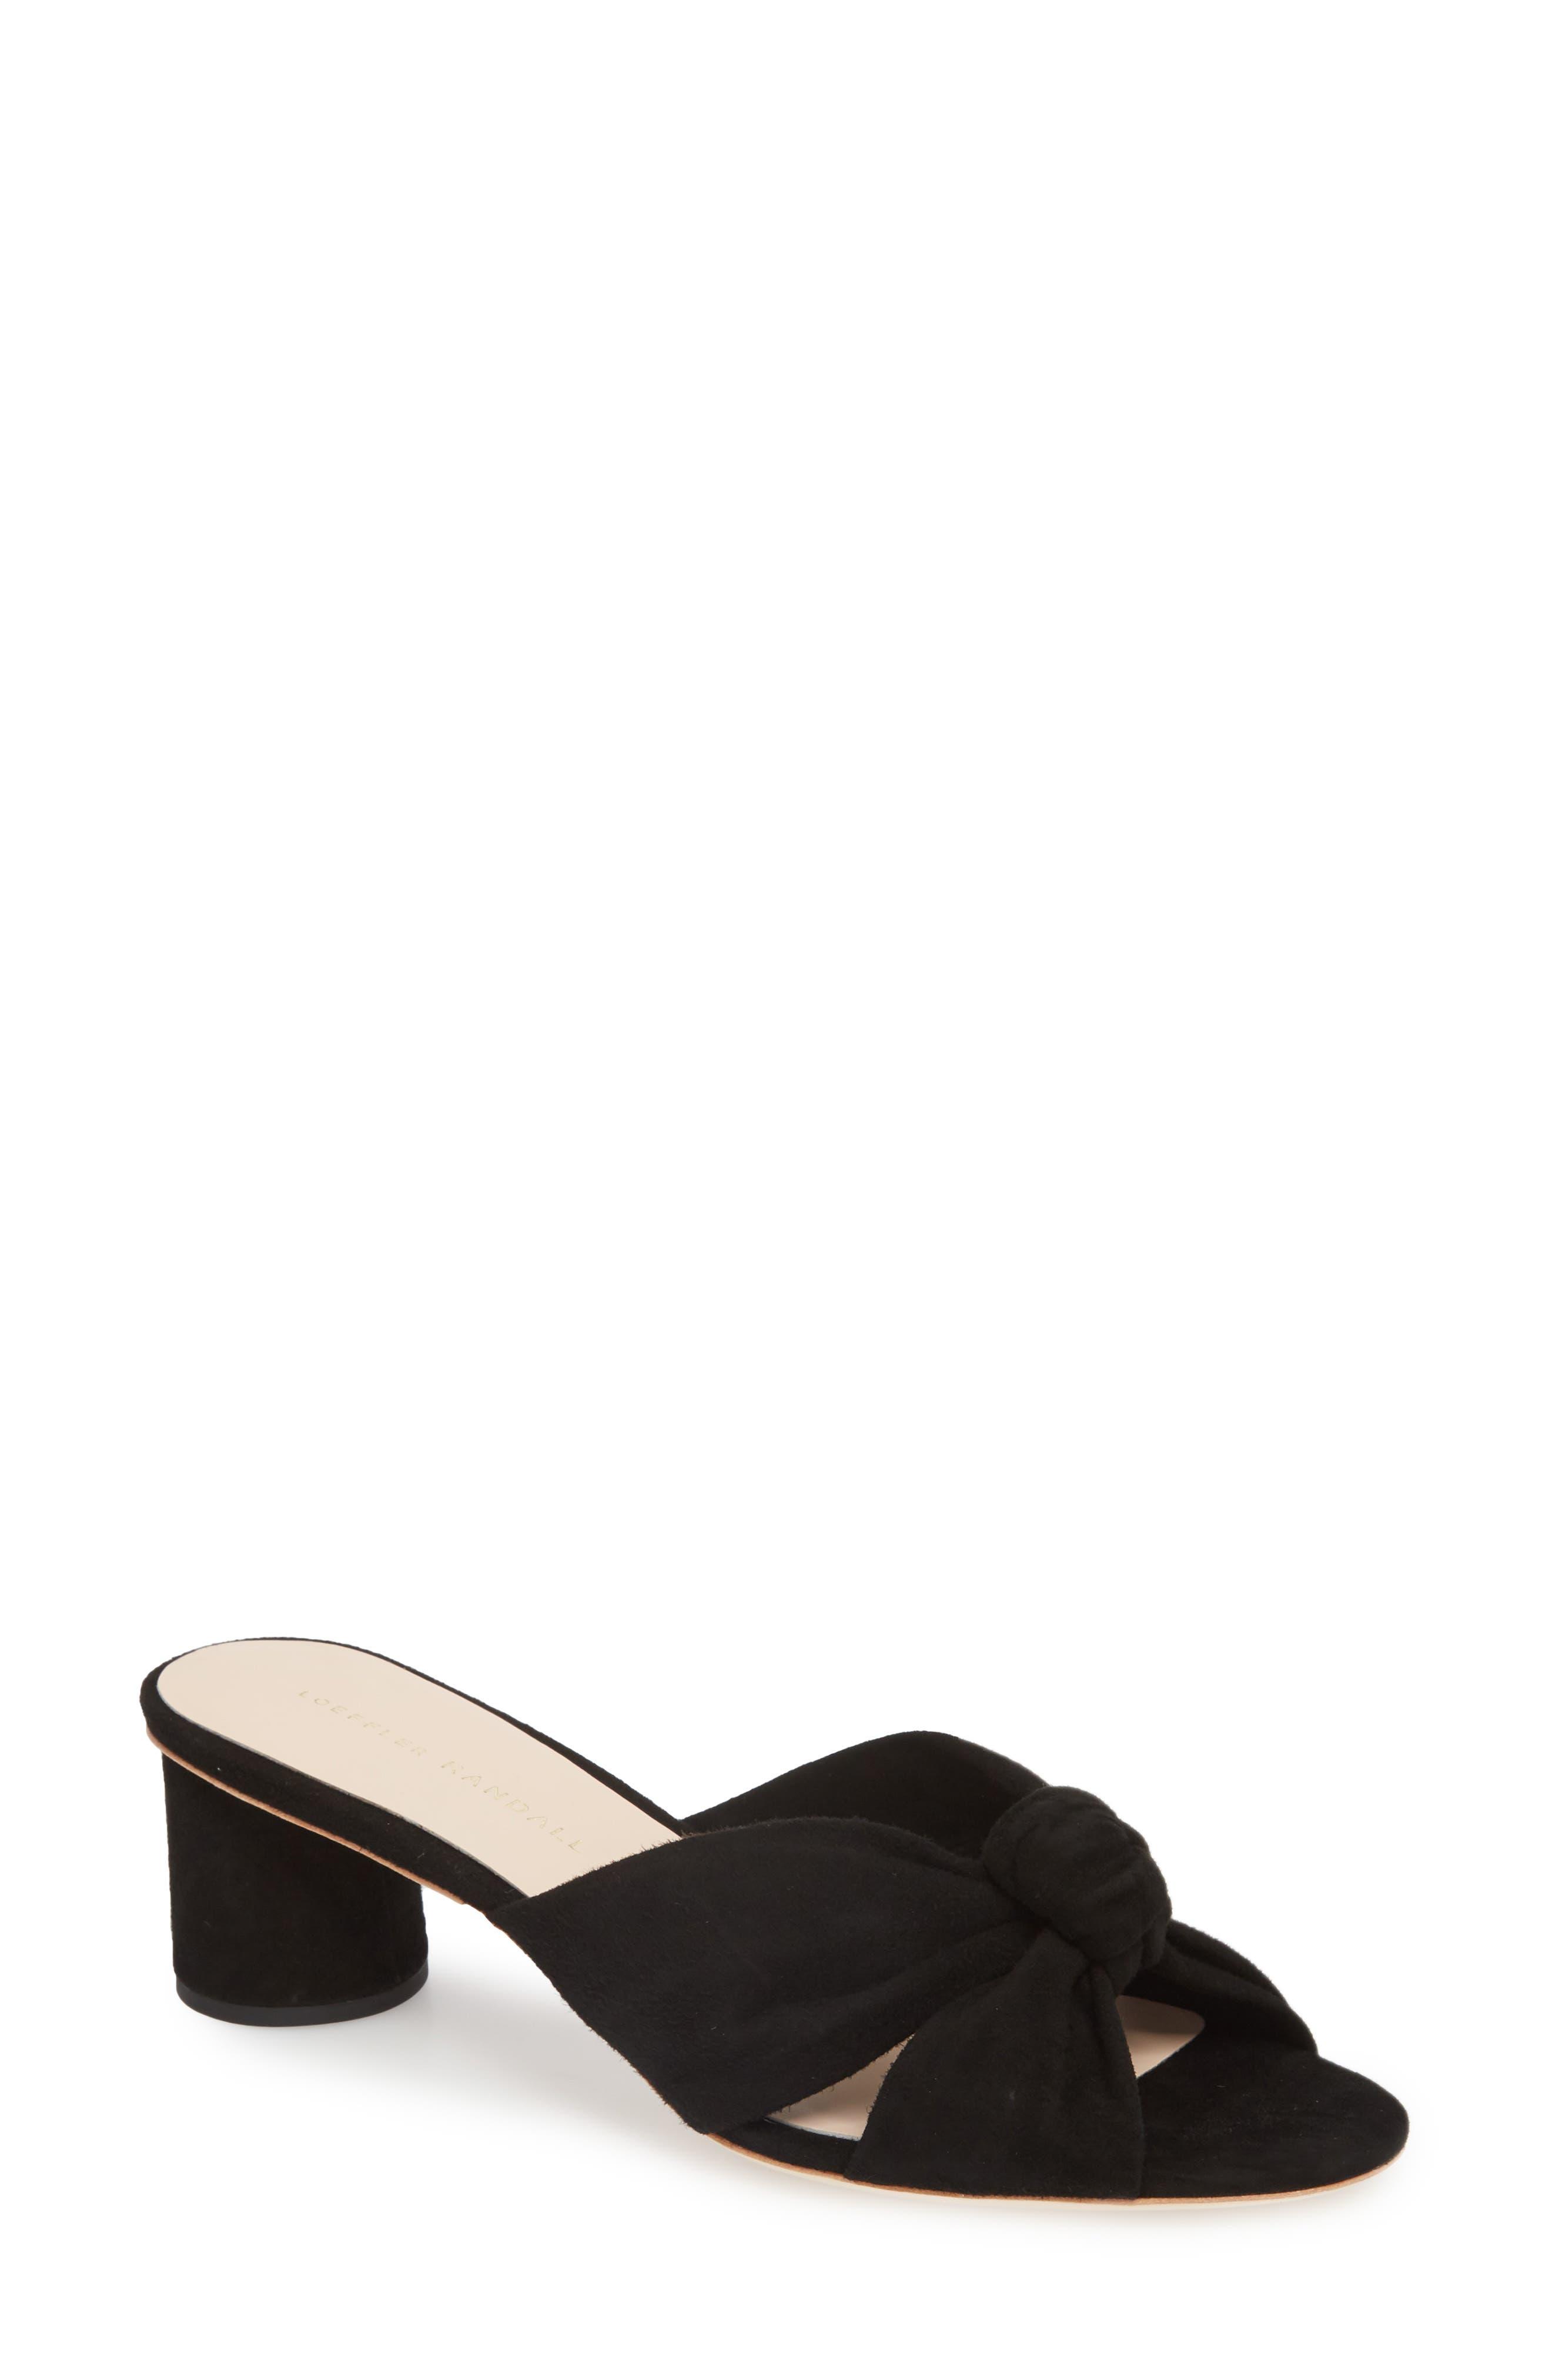 Loeffler Randal Celeste Knotted Slide Sandal,                             Main thumbnail 1, color,                             BLACK